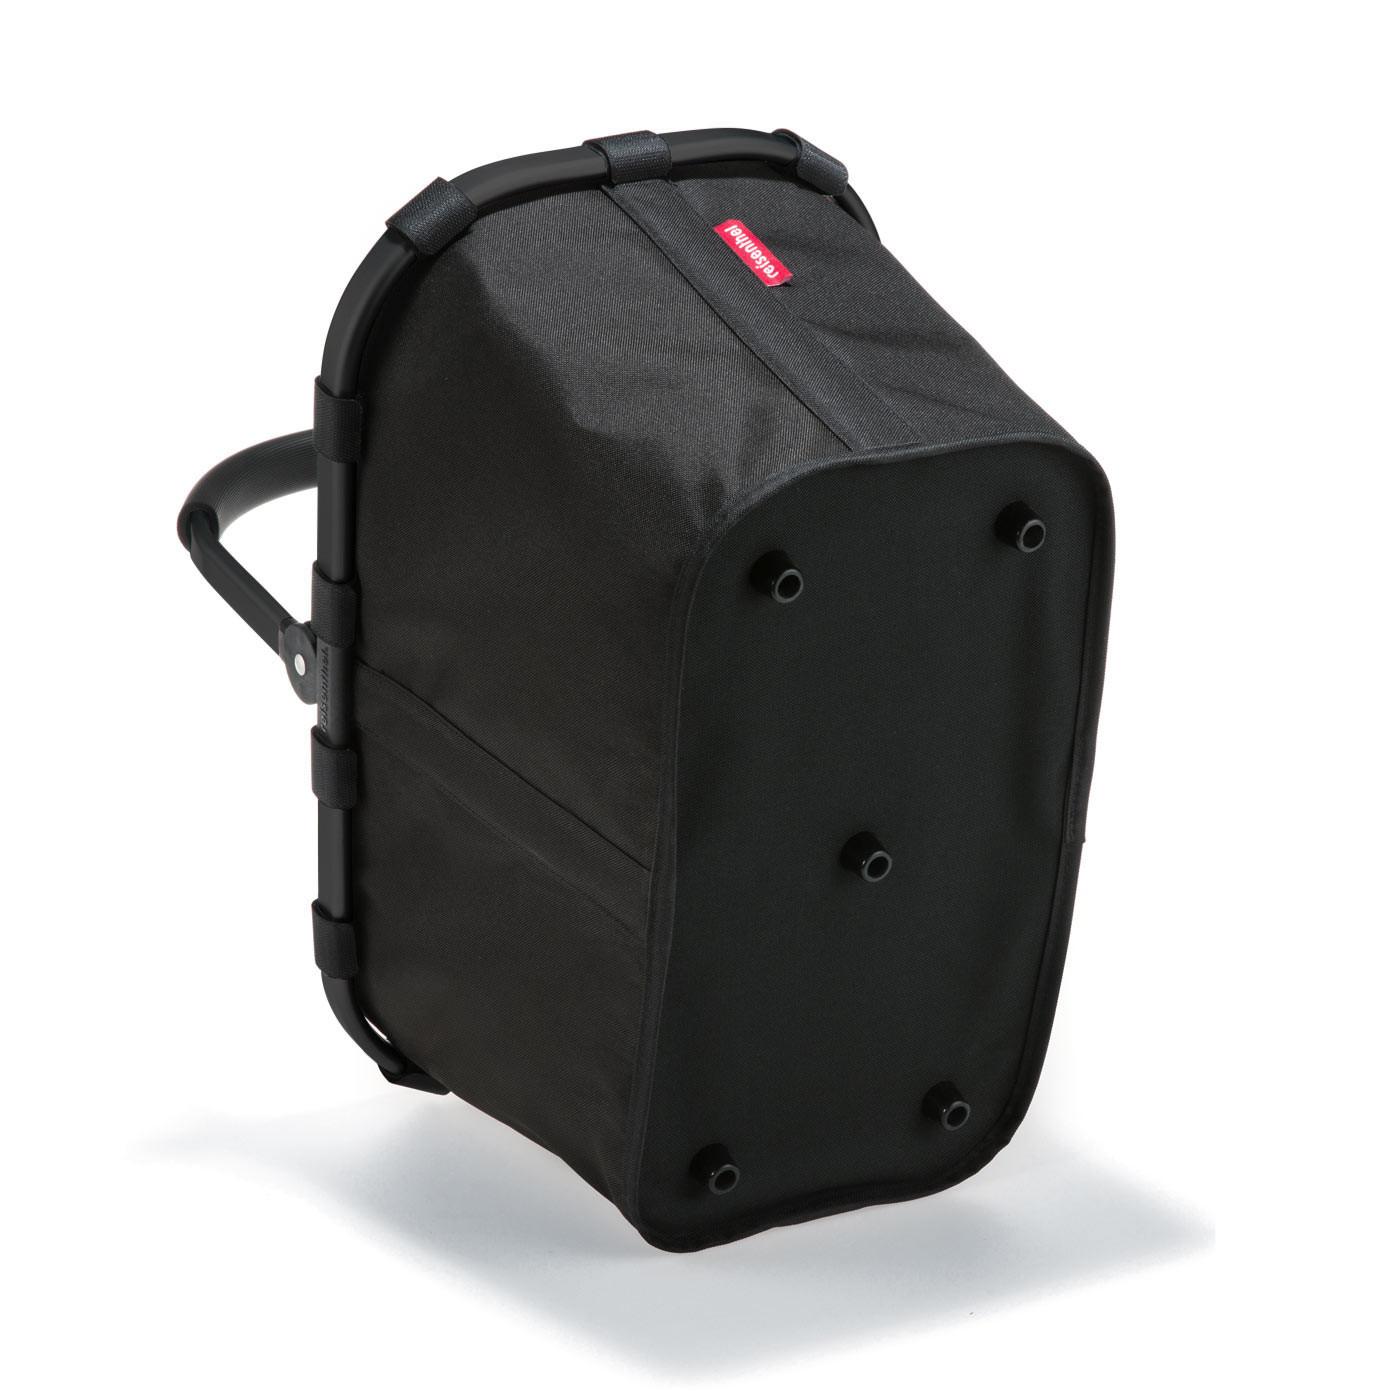 reisenthel carrybag Einkaufskorb 22l - schwarz mit rotem Rahmen